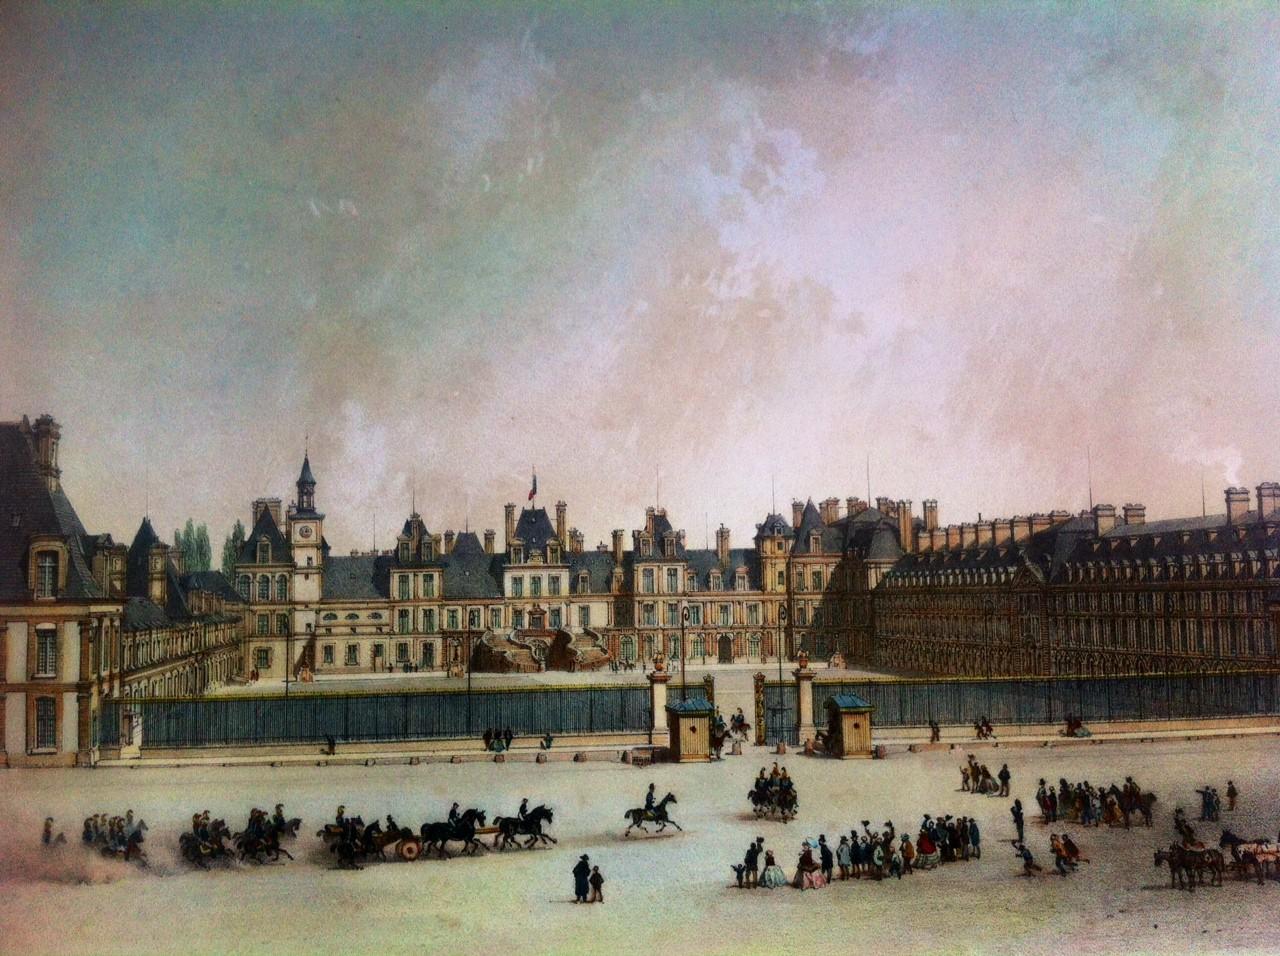 CHATEAU DE FONTAINEBLEAU : France, castles, lithography, engravi